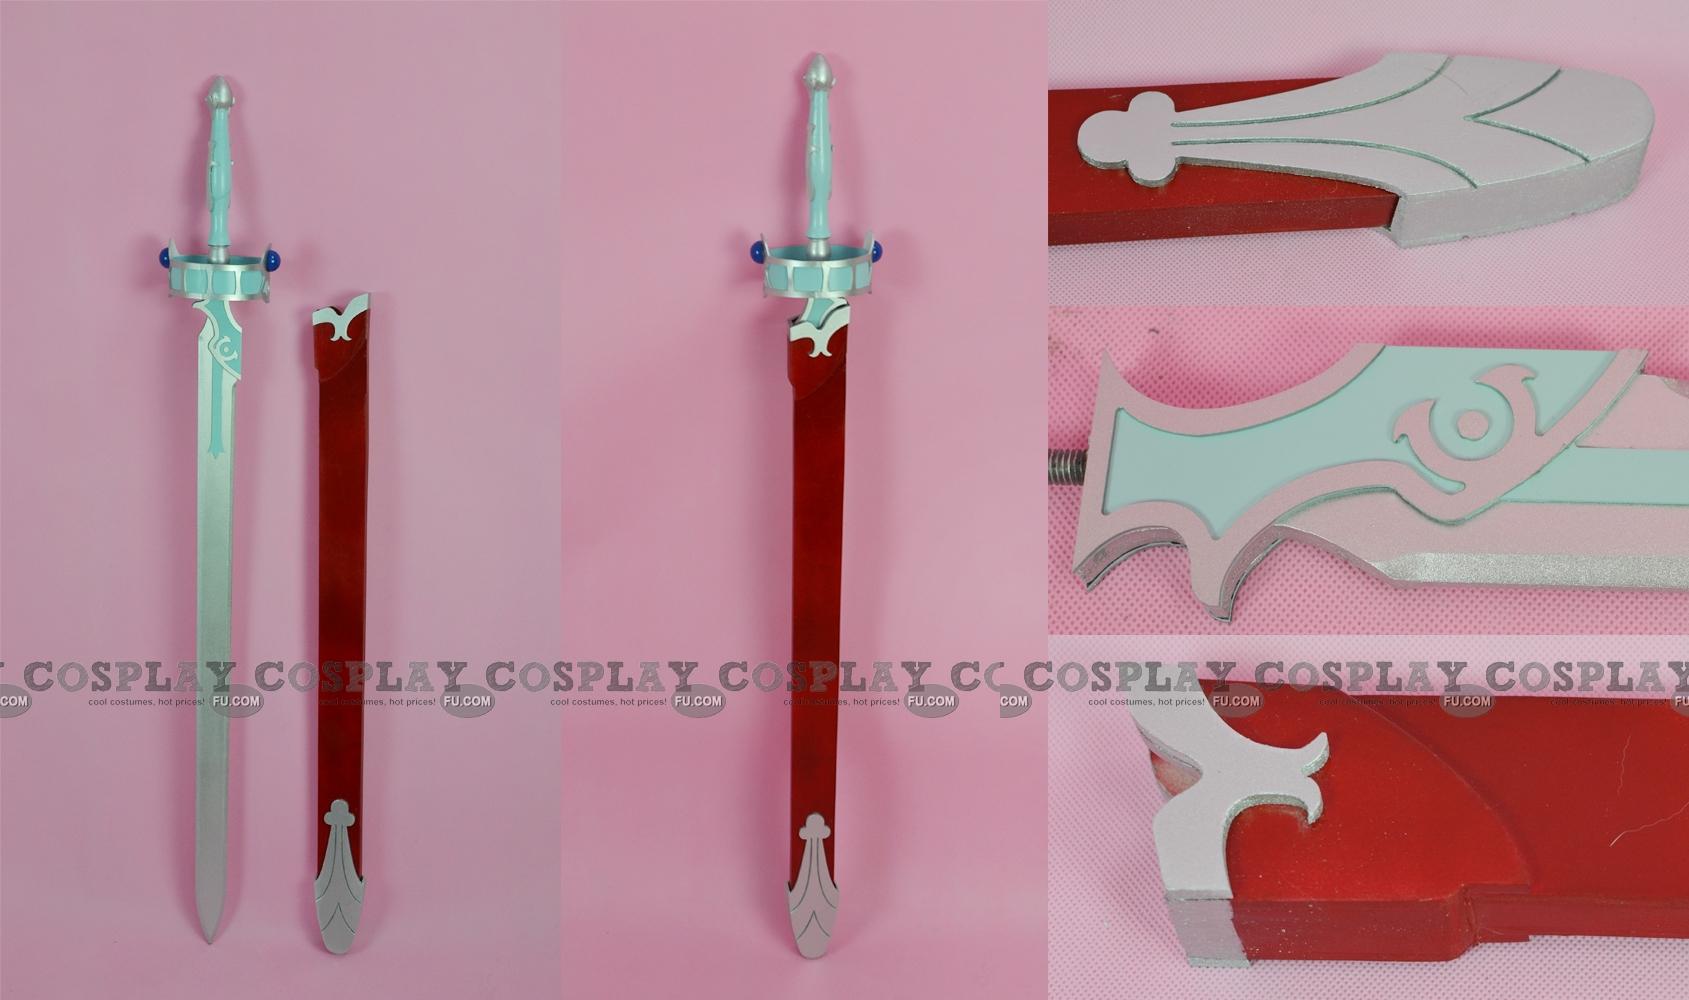 Asuna Sword (Lambent light) from Sword Art Online